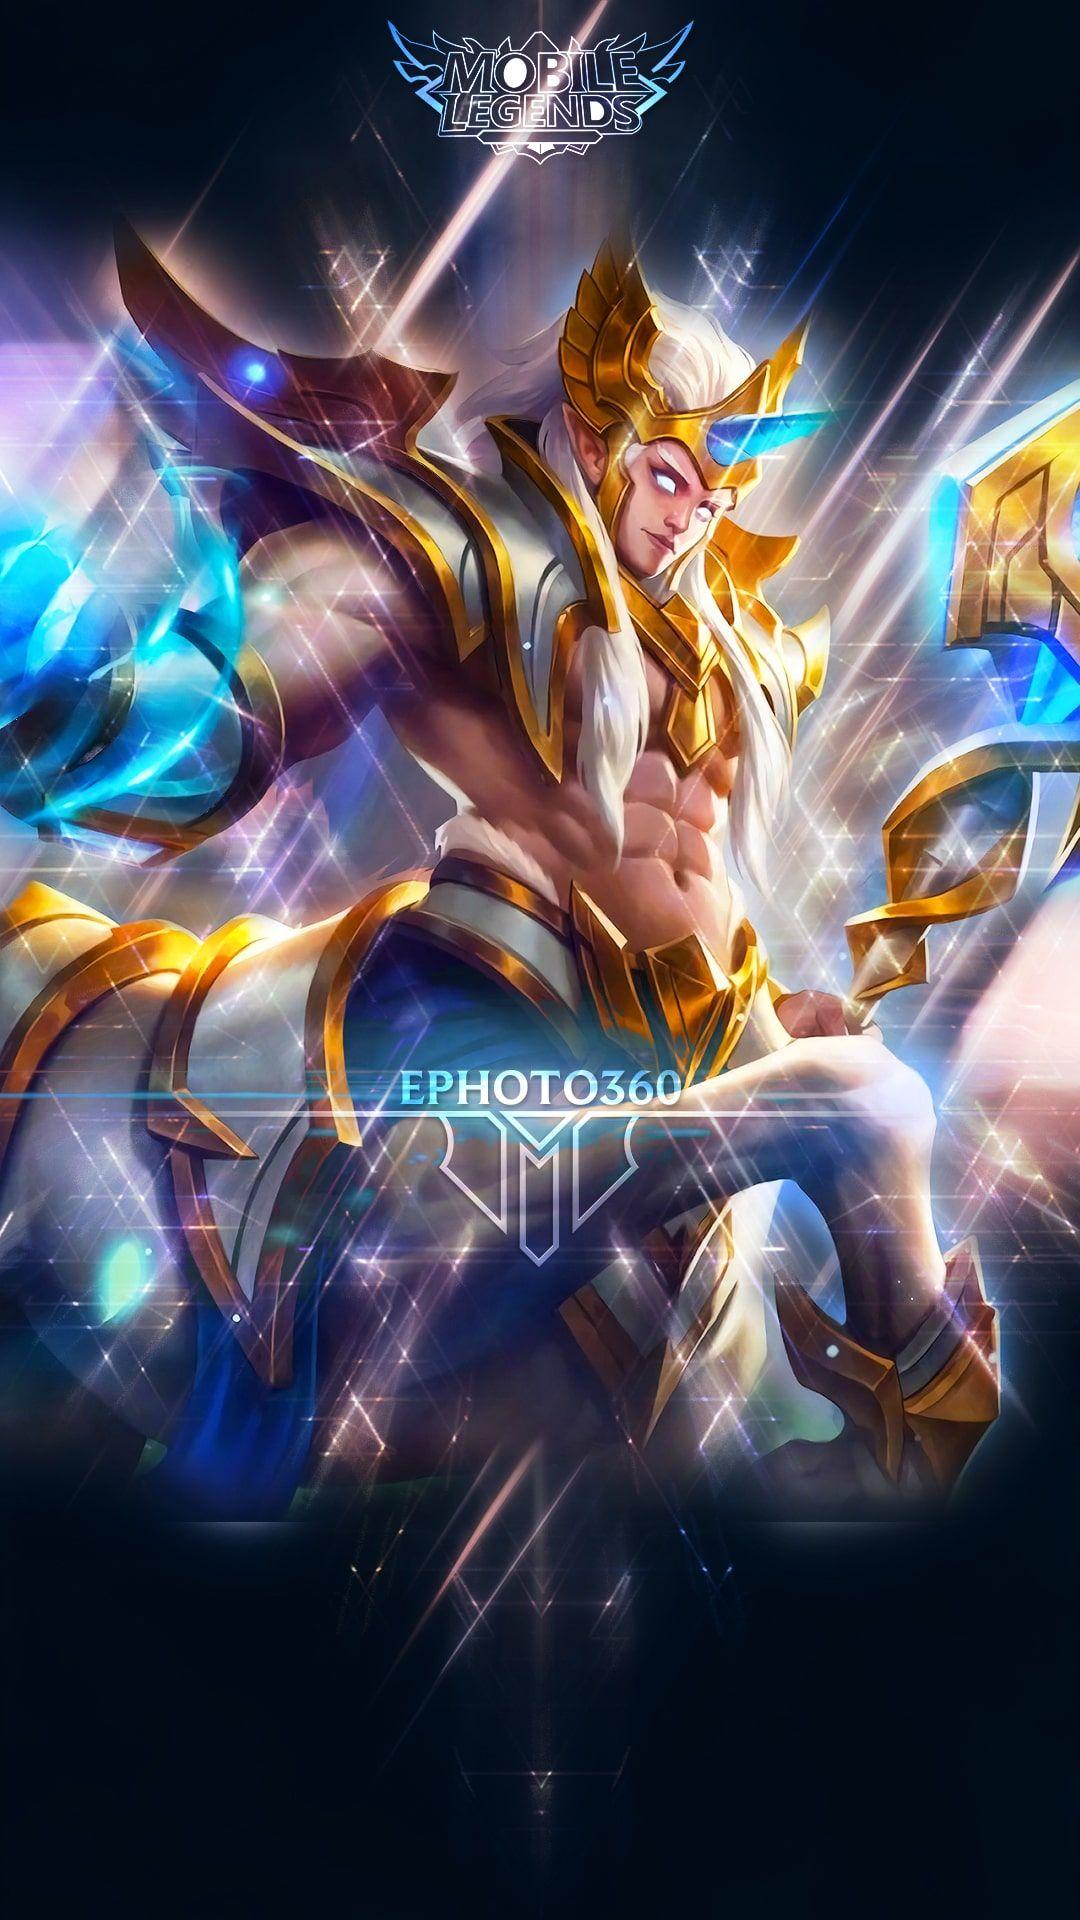 Make Mobile Legends Wallpaper Full Hd For Mobile Mobile Legend Wallpaper Mobile Legends The Legend Of Heroes